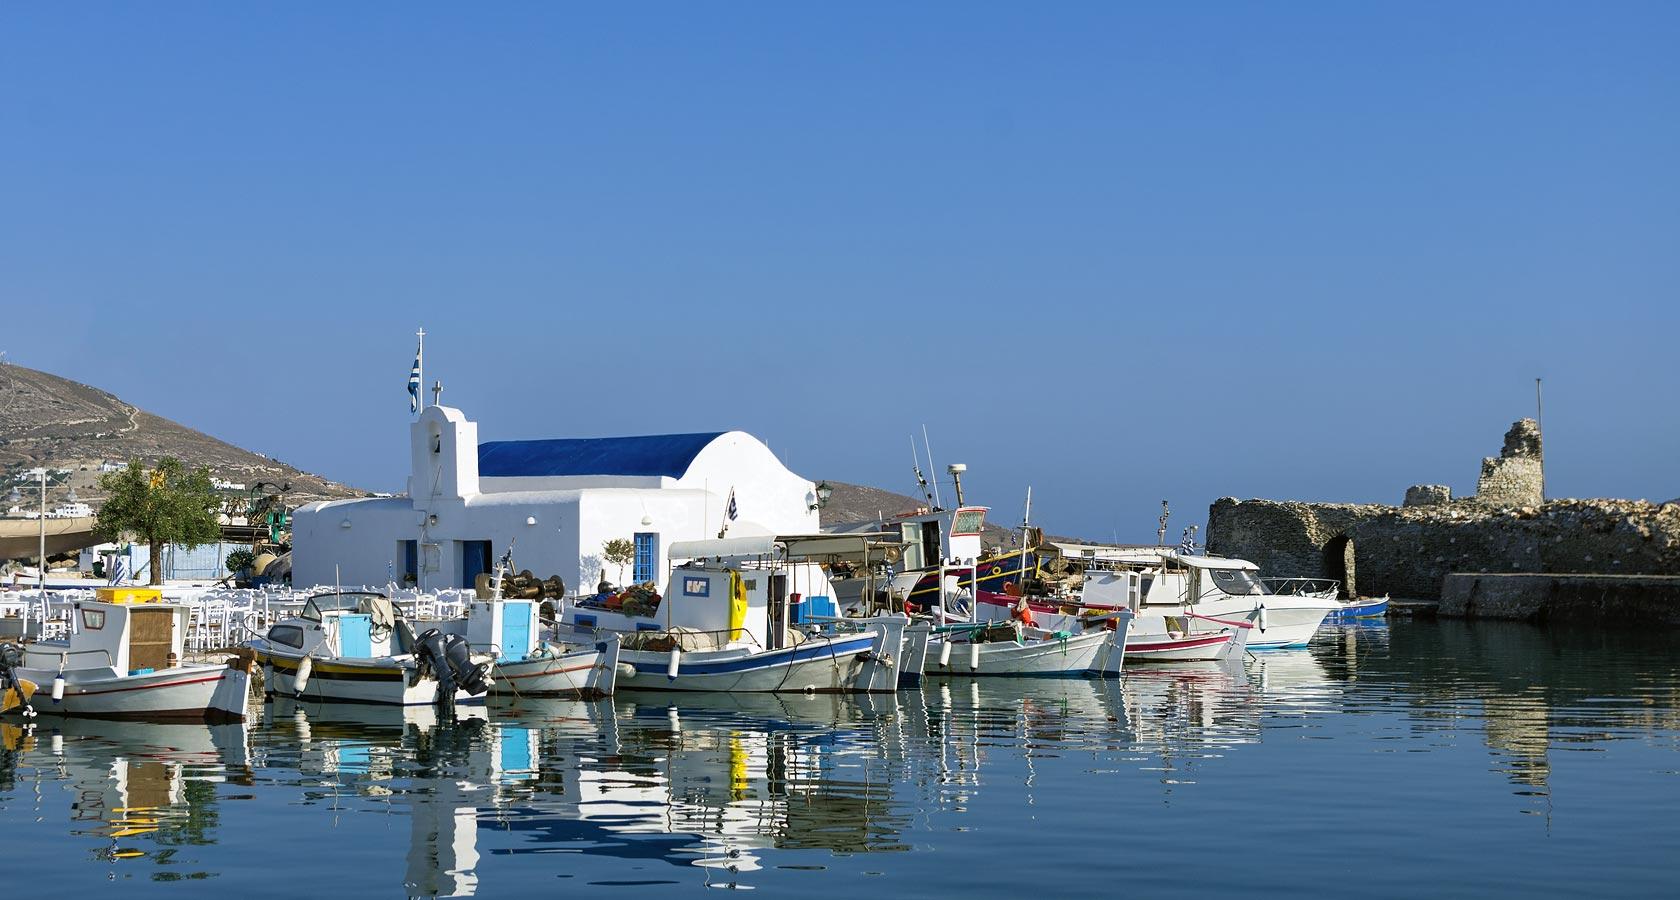 Naoussa fisshing village, Paros